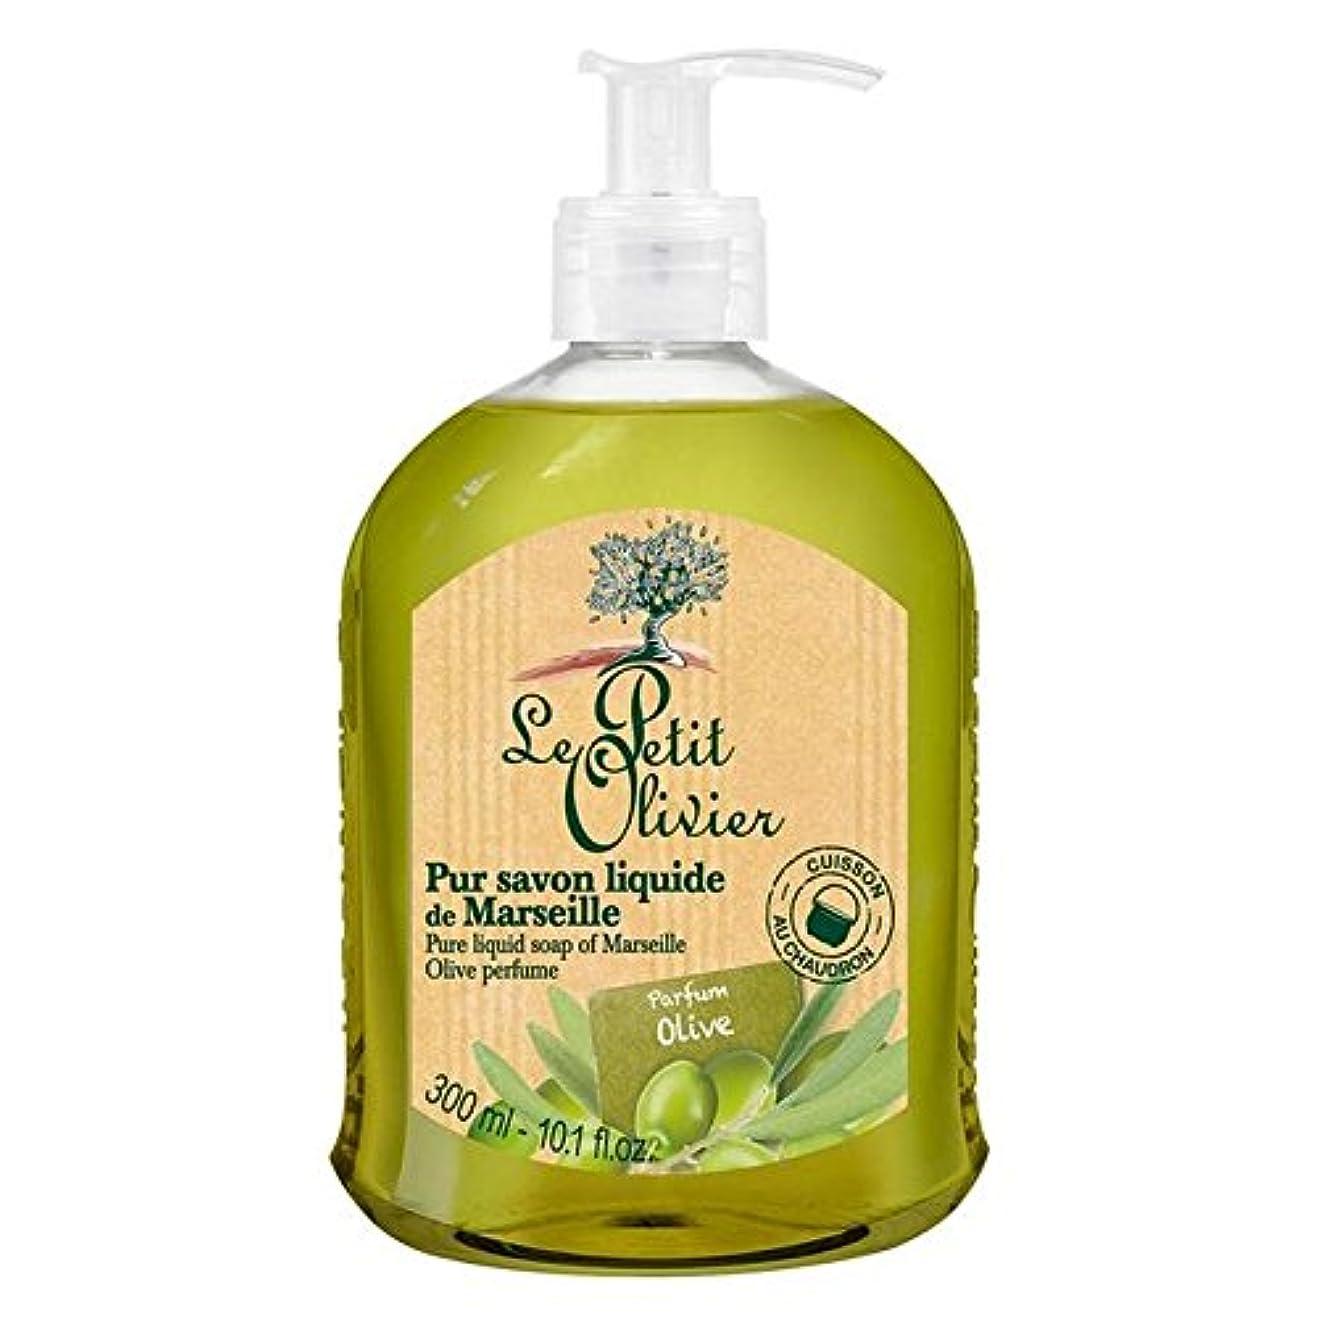 祝うイベントティッシュLe Petit Olivier Pure Liquid Soap of Marseille, Olive Oil 300ml - マルセイユのル?プティ?オリヴィエ純粋な液体石鹸、オリーブオイル300ミリリットル [並行輸入品]